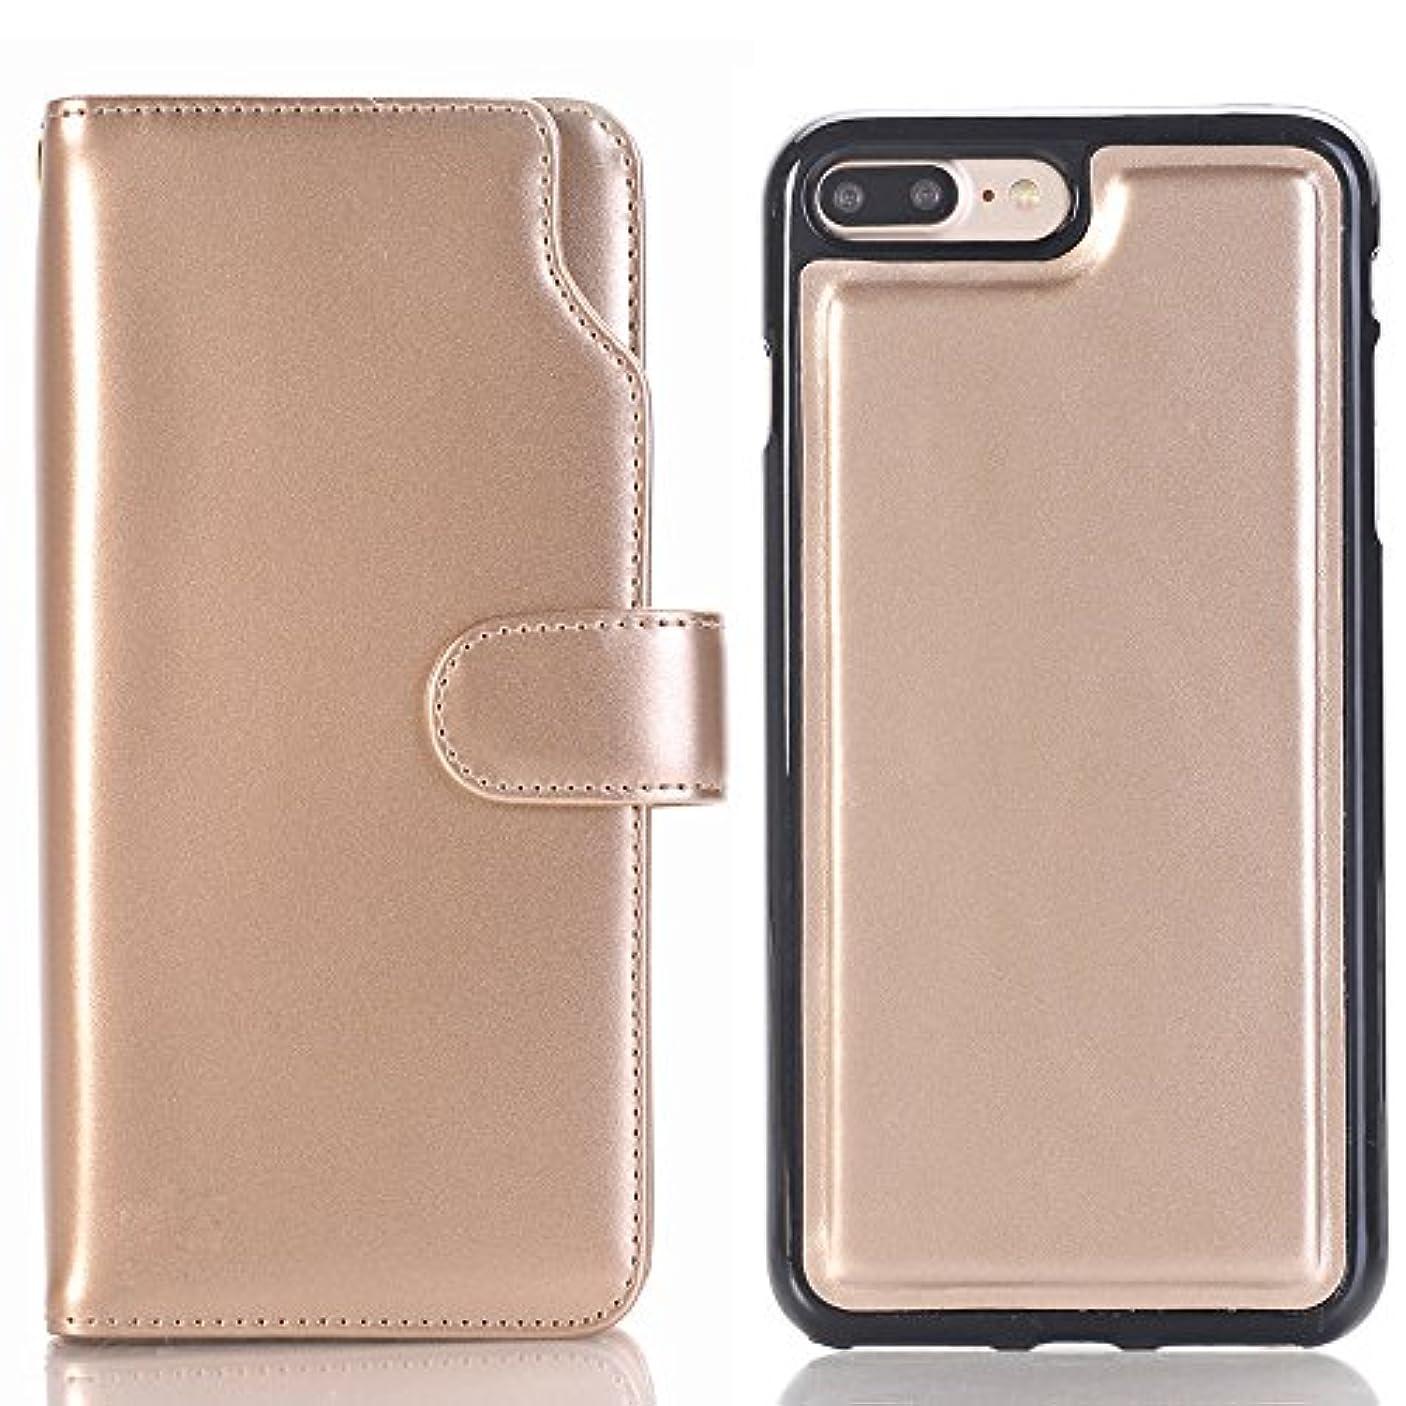 蒸し器かすれた情緒的iPhone 6 Plus ケース 分離可能、SIMPLE DO 良質レザー おしゃれデザイン カード収納 傷つけ防止 業務用(ゴールド)